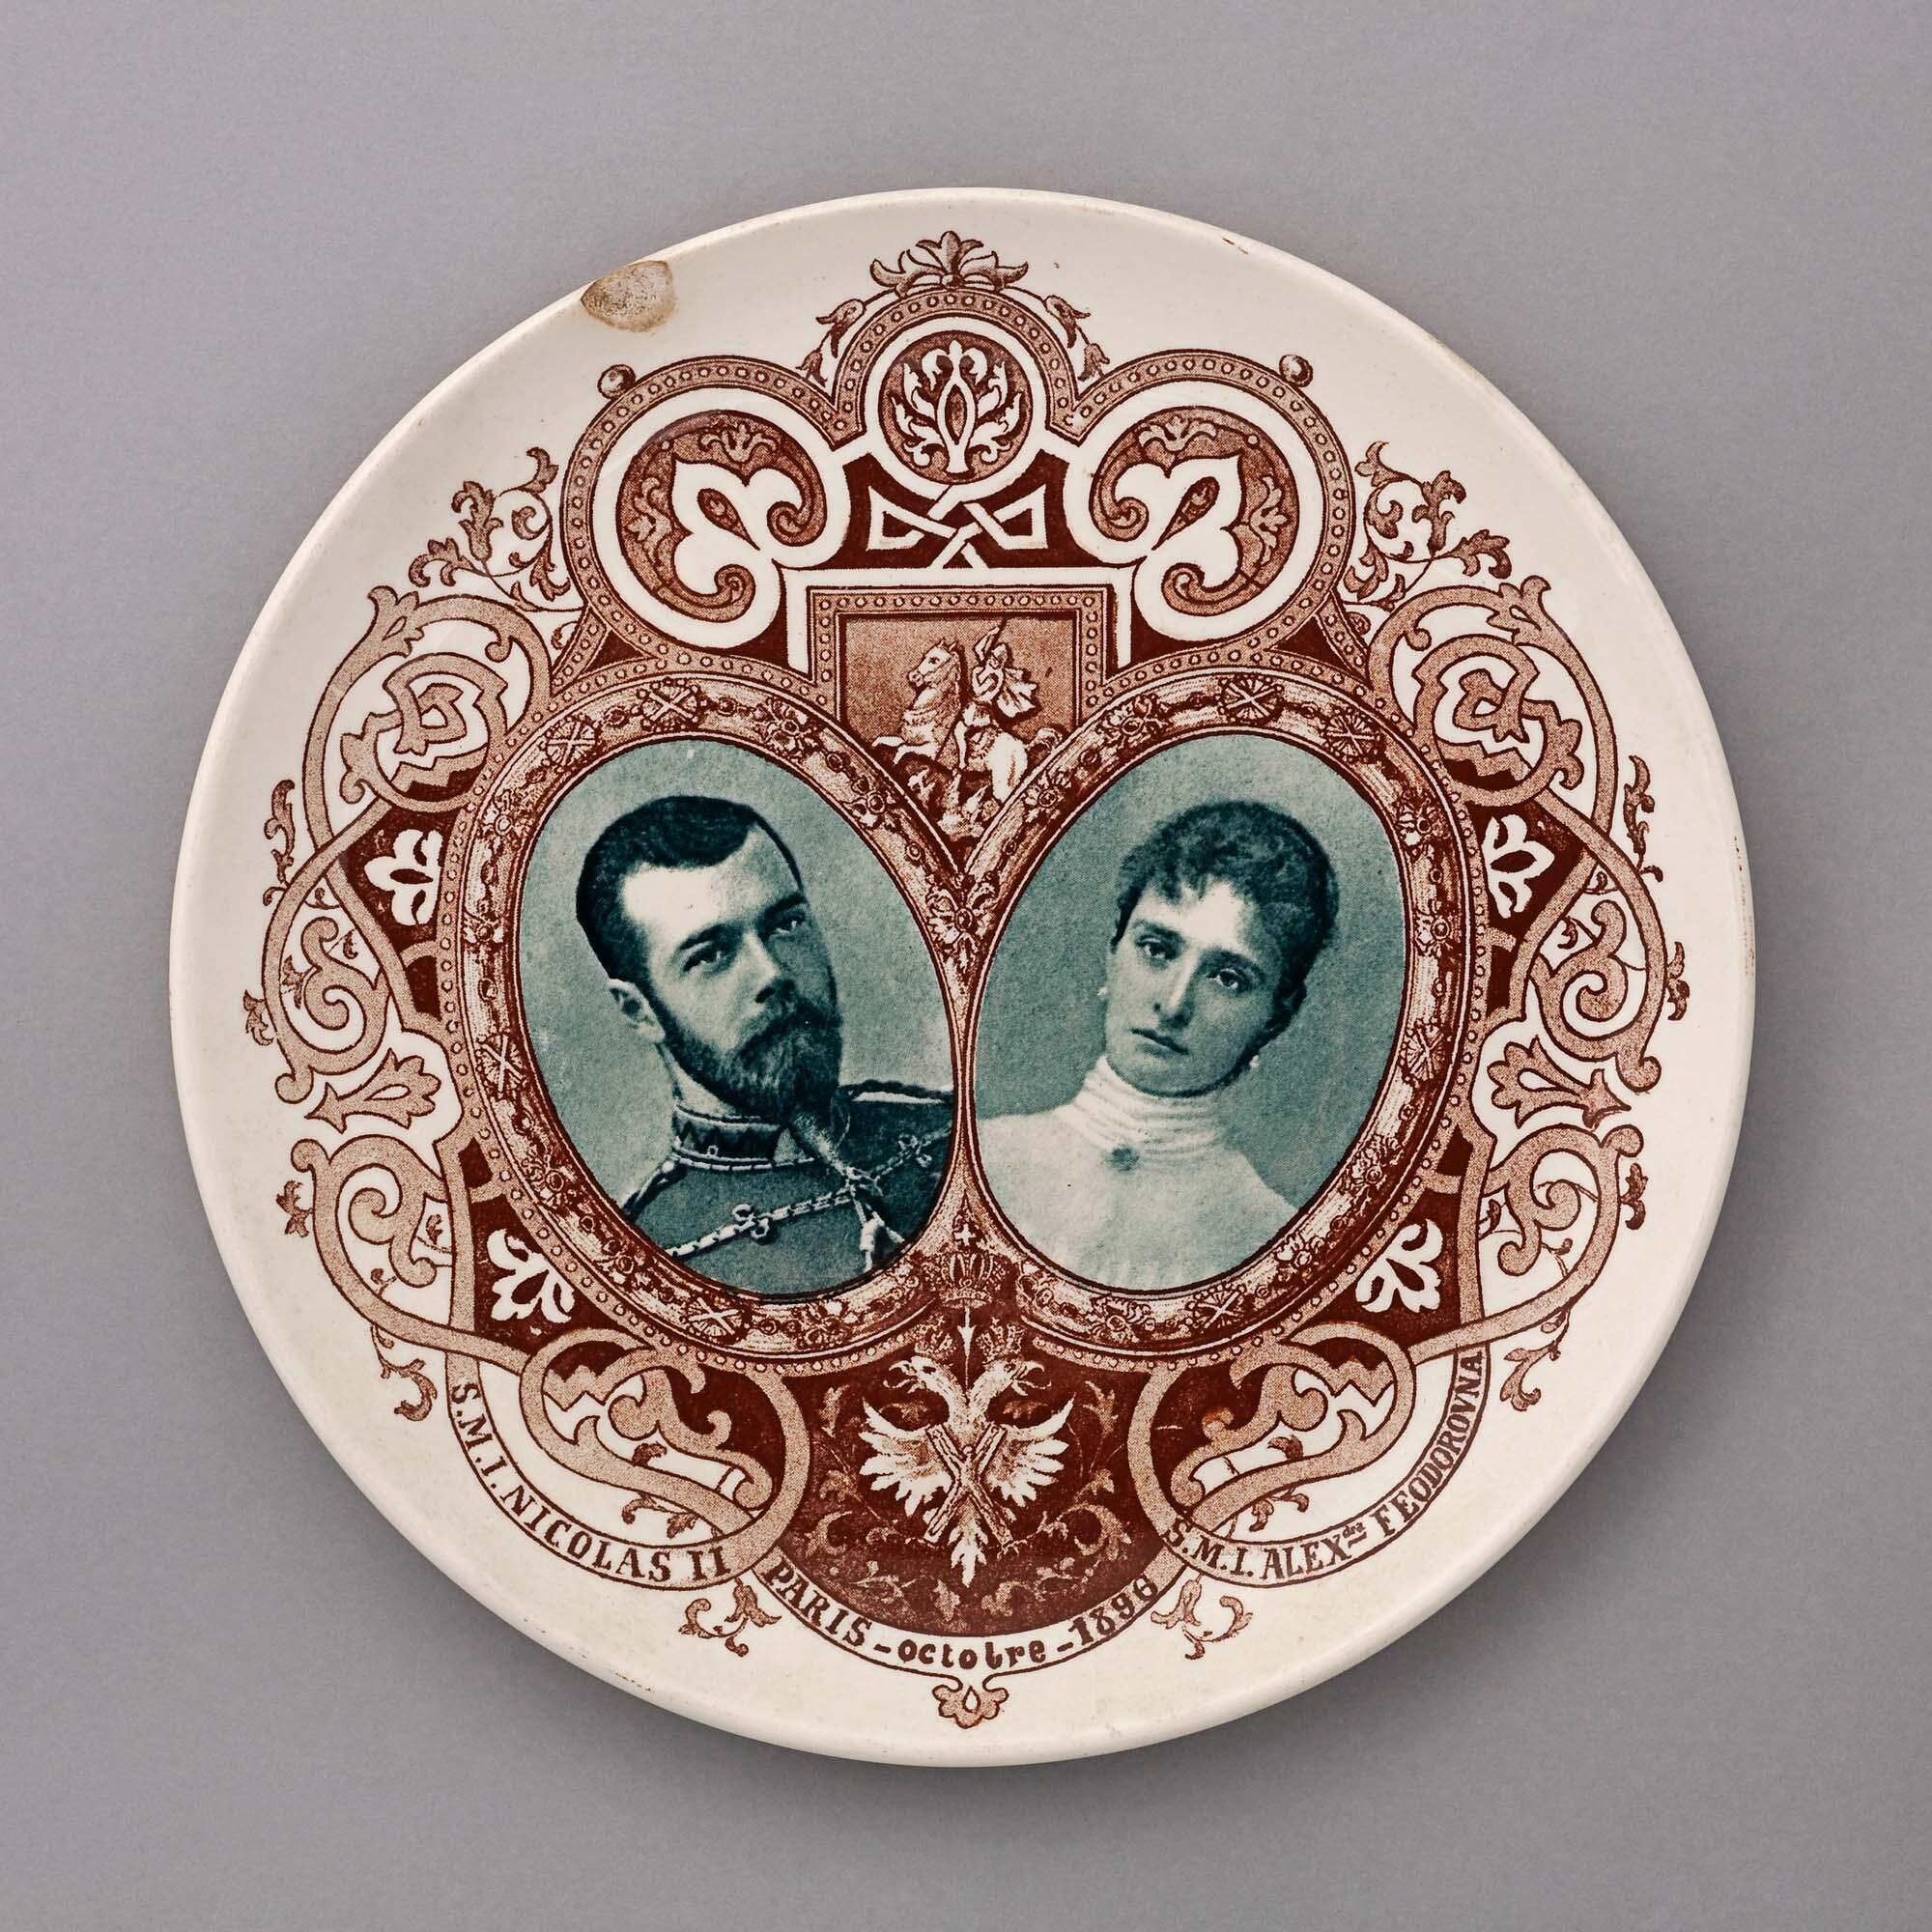 Тарелка с изображением Николая II и Александры Федоровны